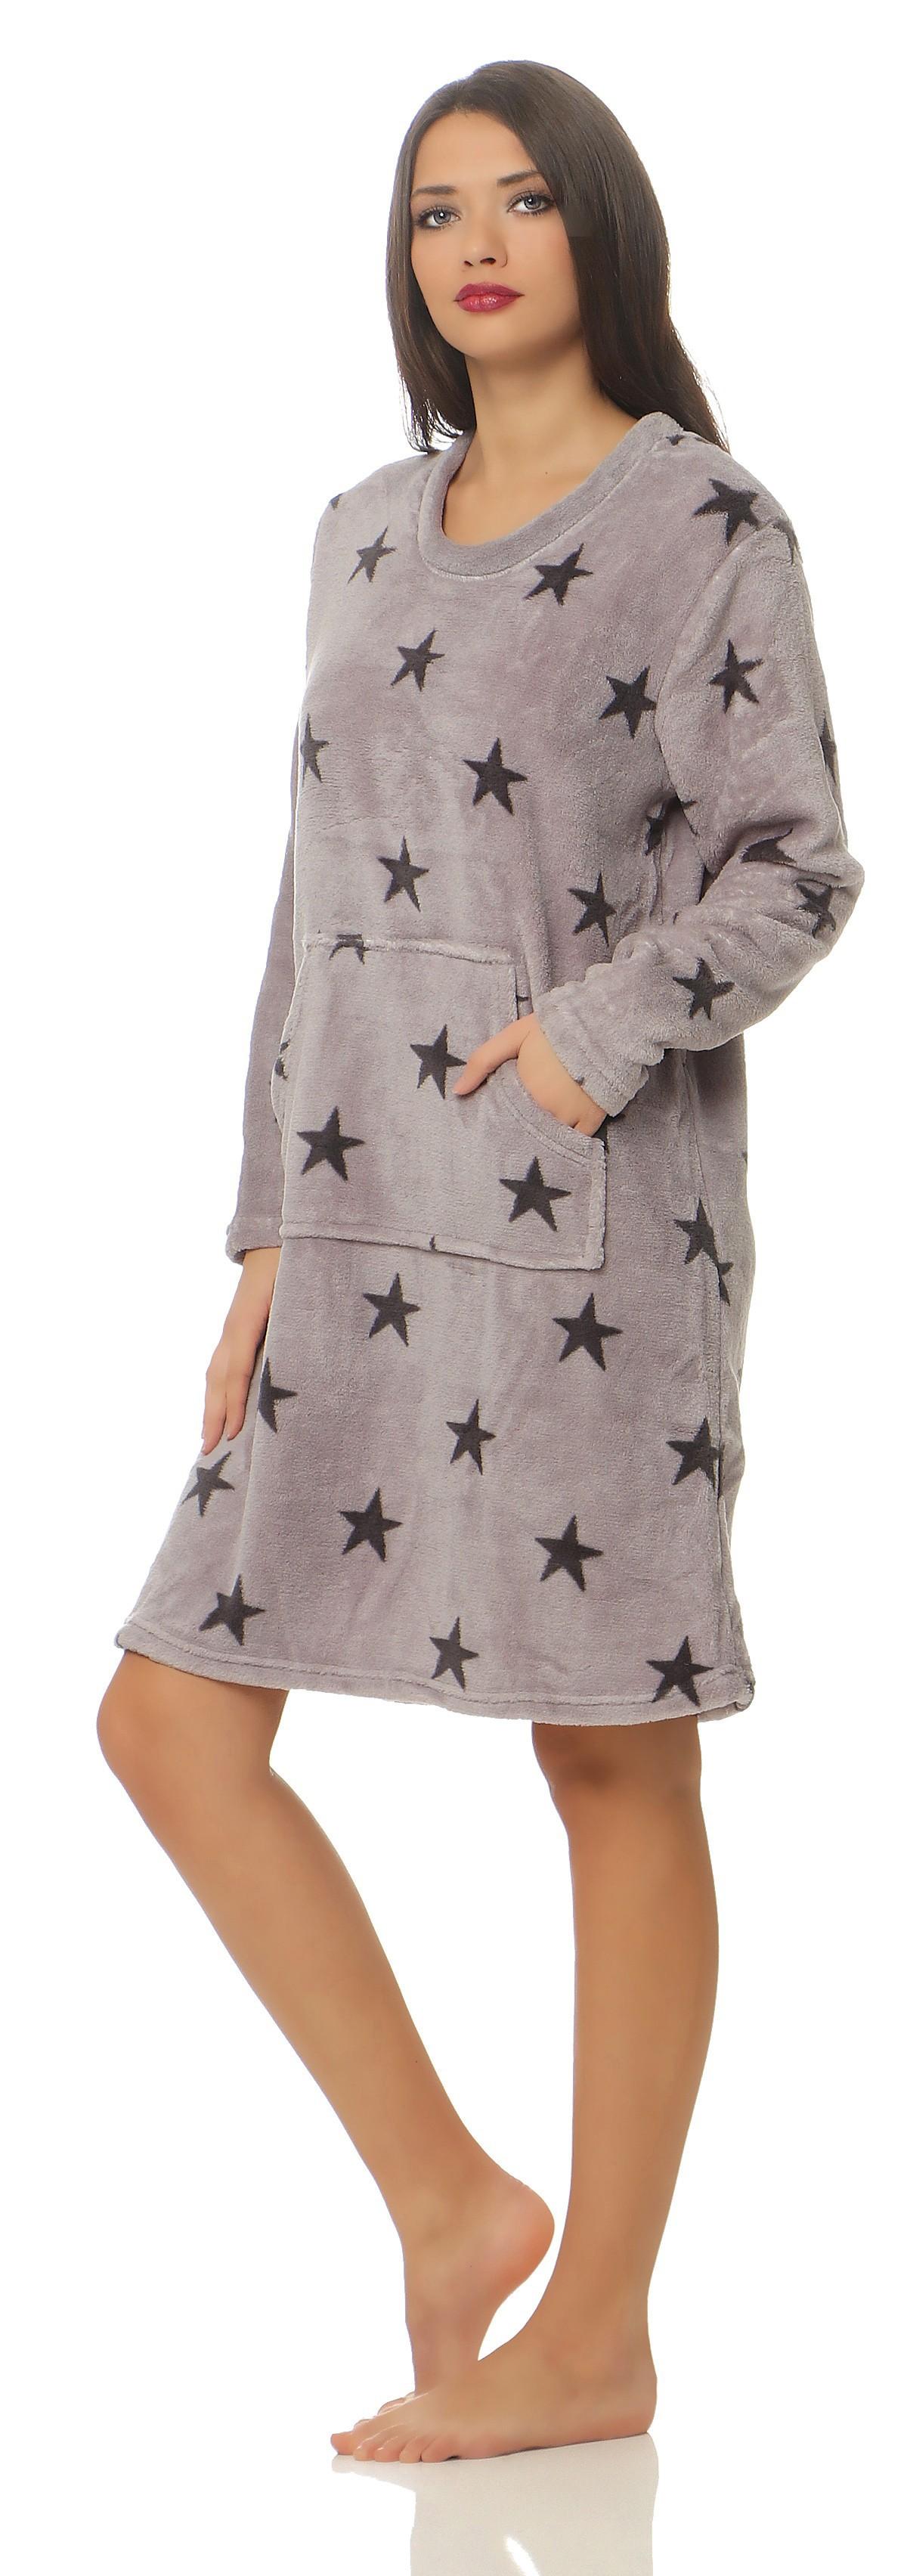 Corall-Fleece Nachthemd langarm im Sternen Design kuschelig und warm - 59702 – Bild 3